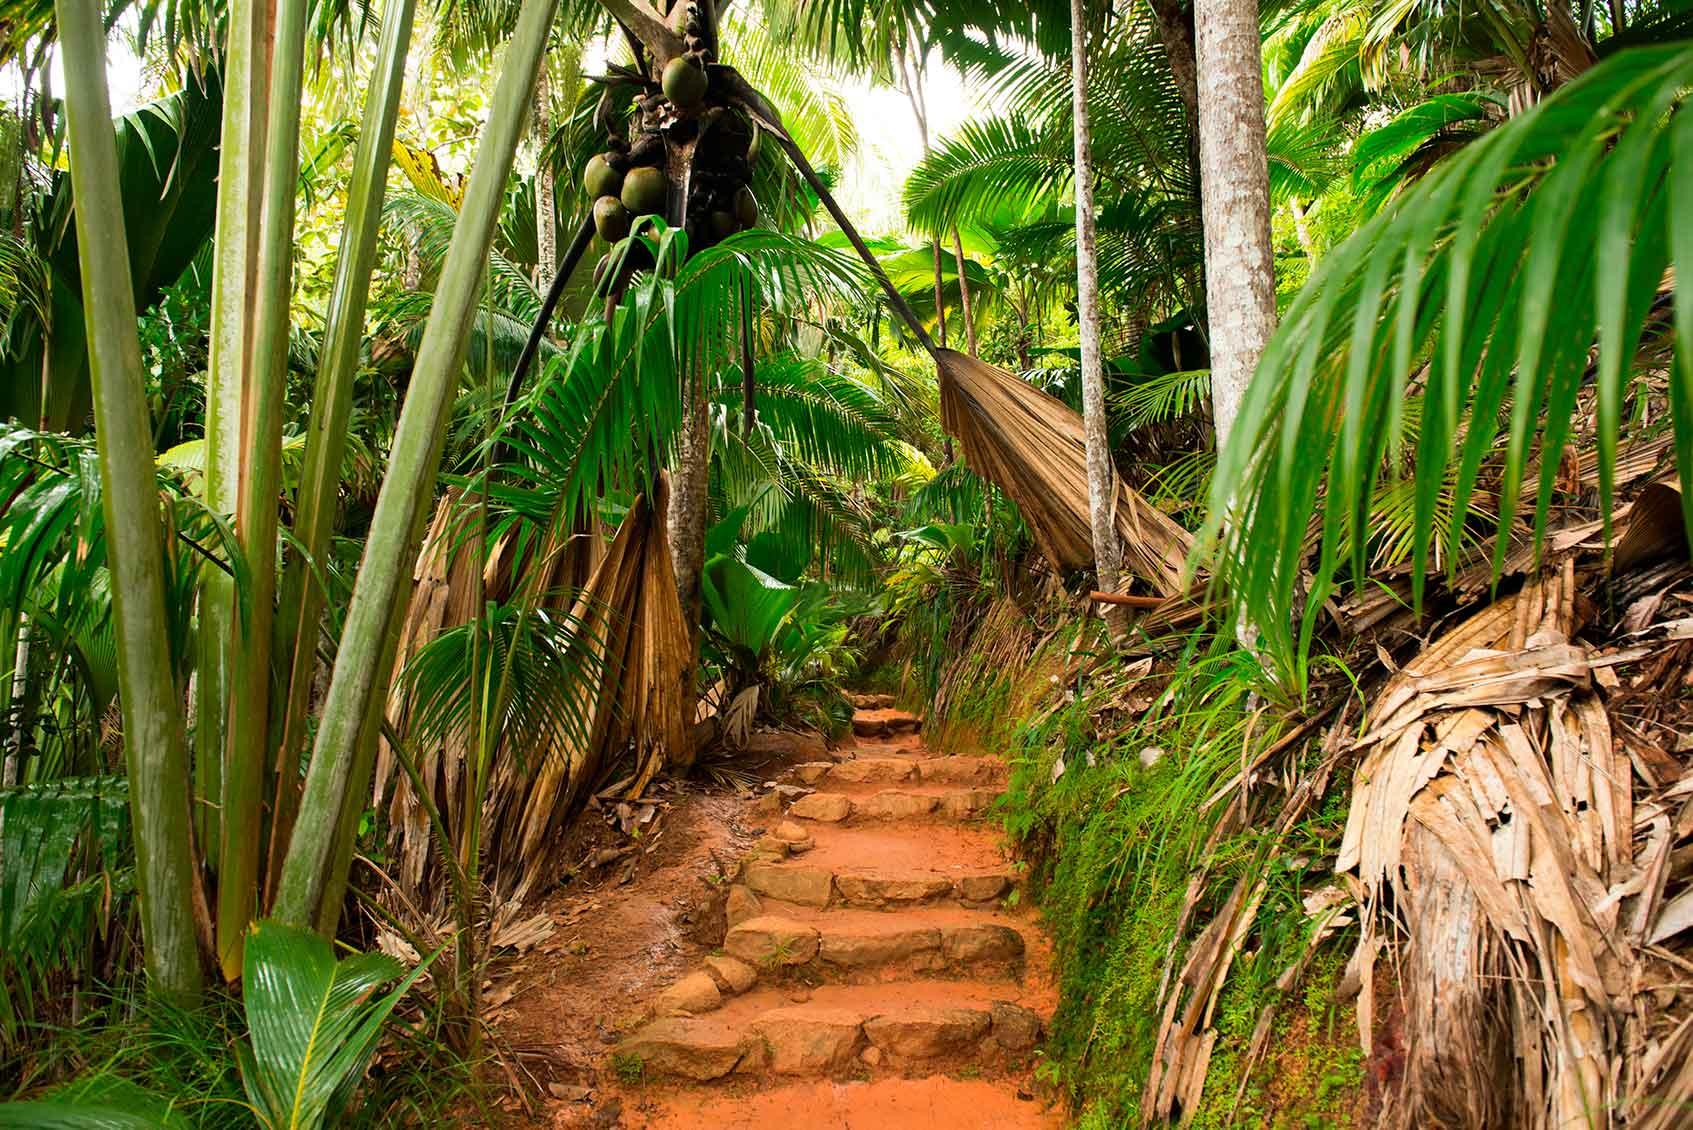 Парк Юньон-Истэйт на острове Ла-Диг